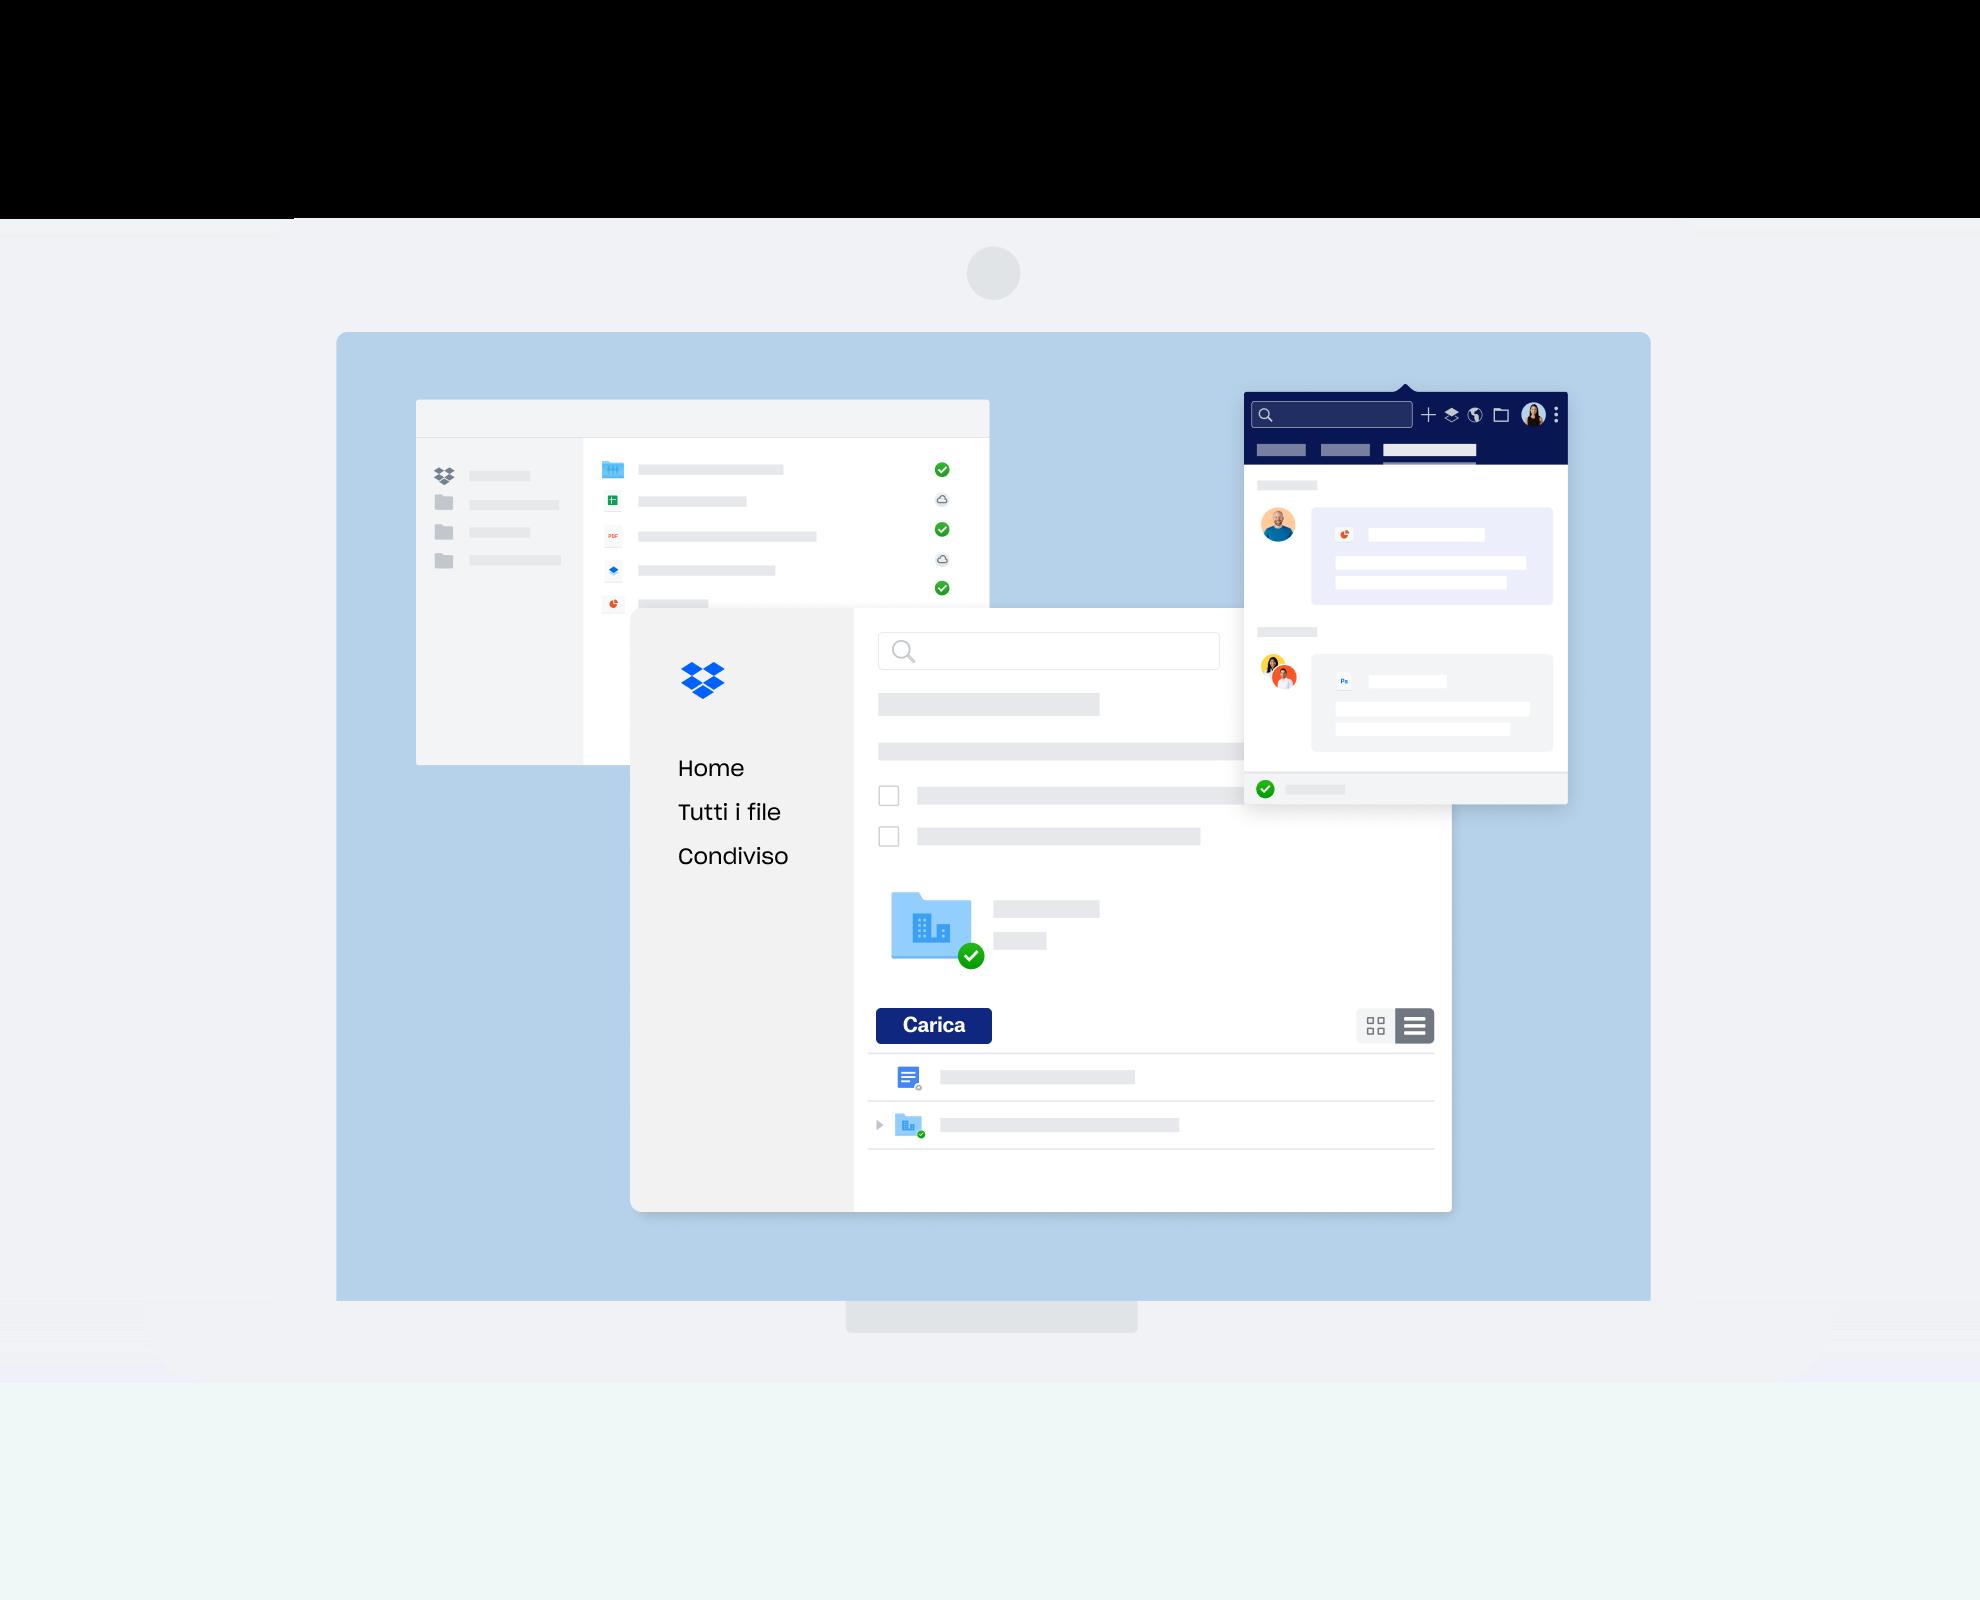 Varie interfacce Dropbox per la comunicazione e la collaborazione